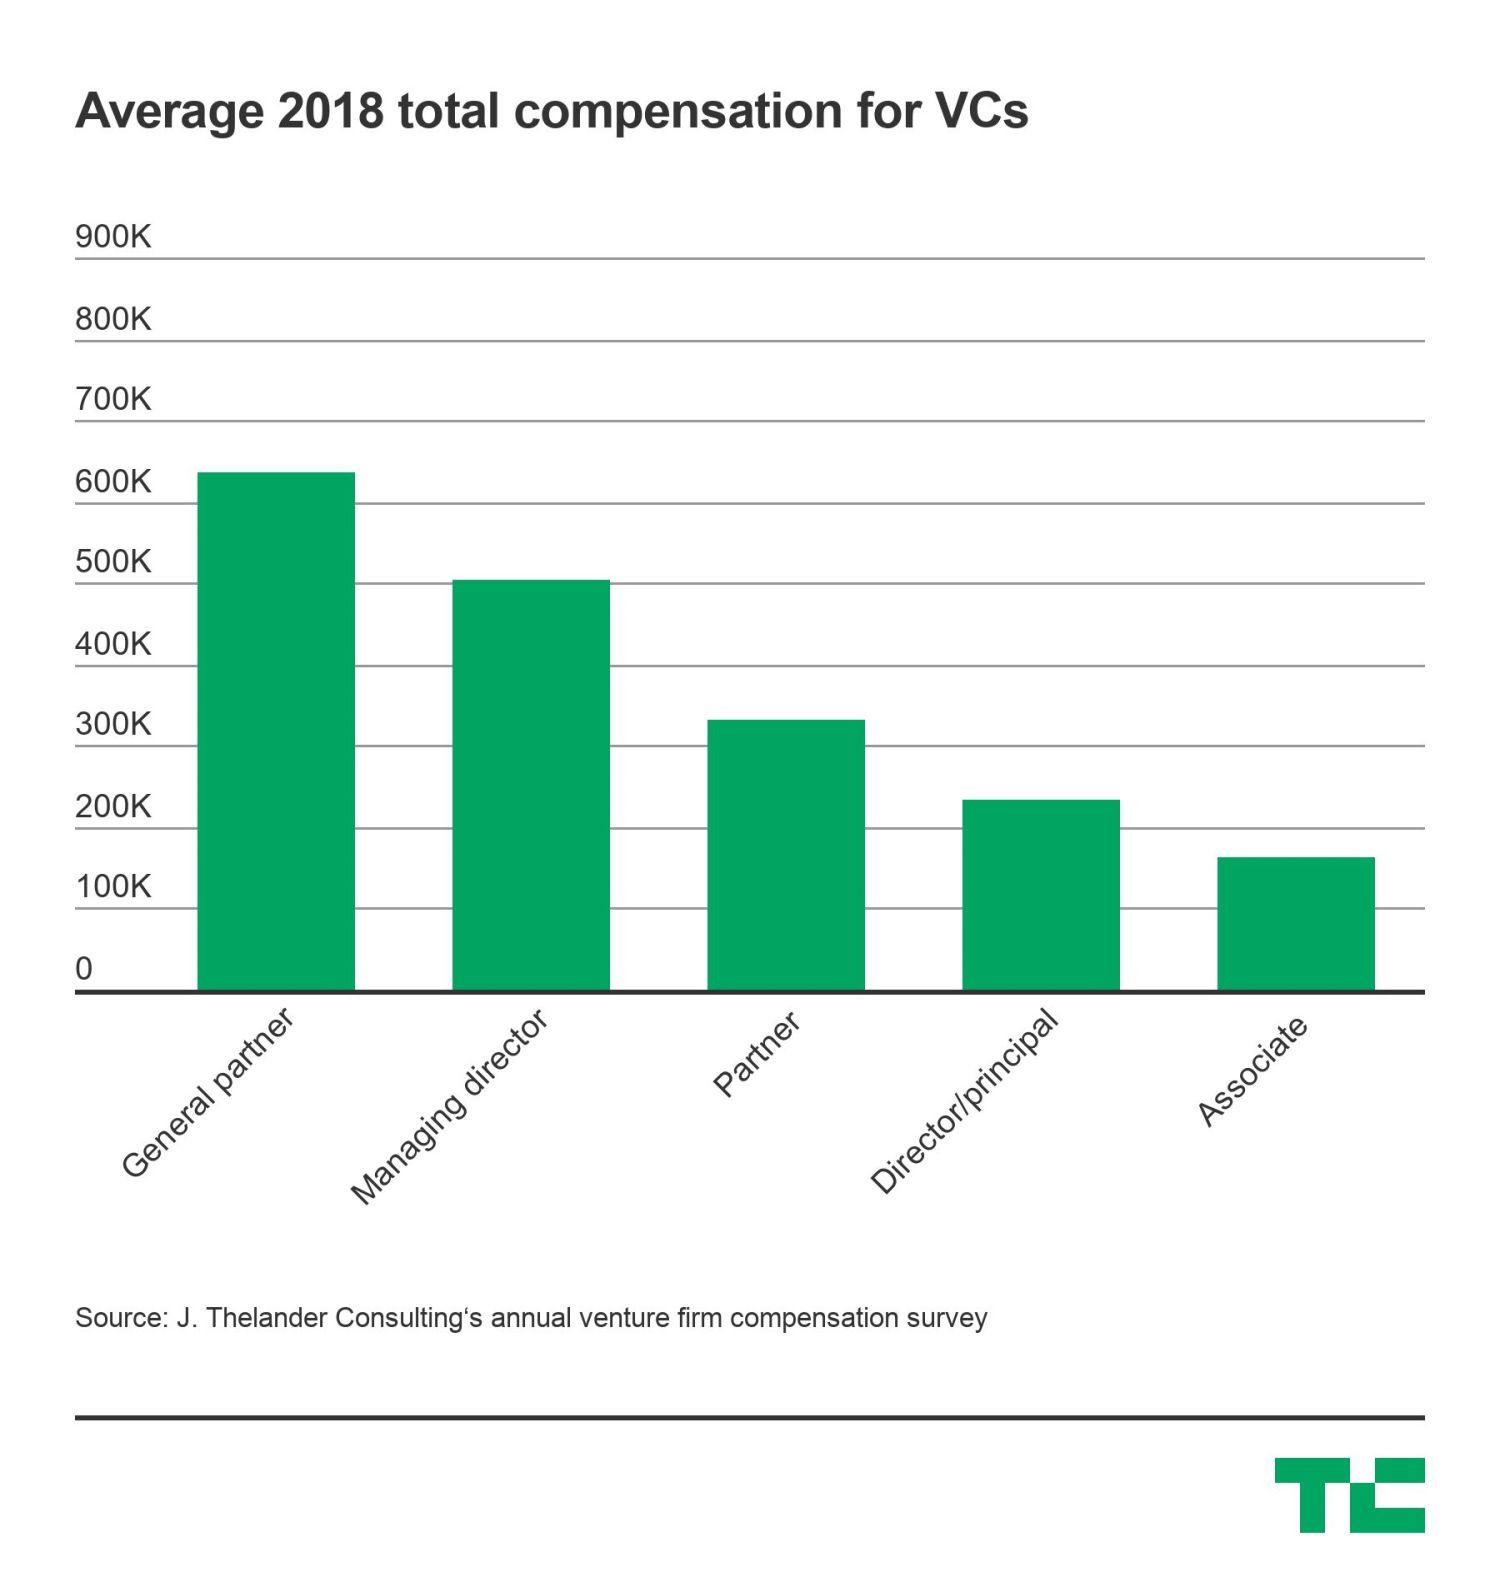 vc-compensation-2